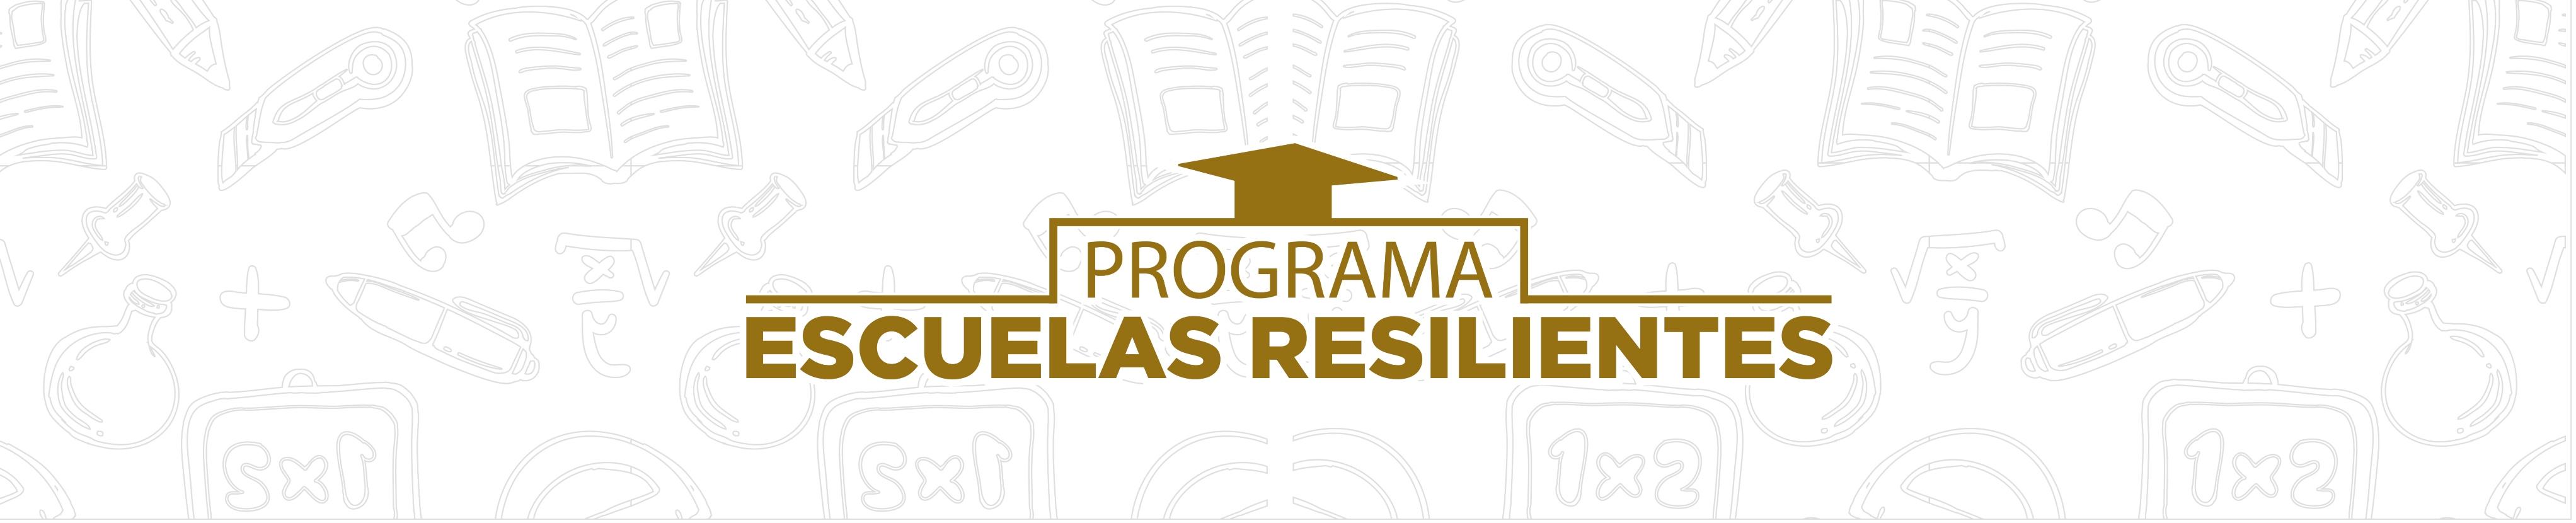 Escuelas Resilientes